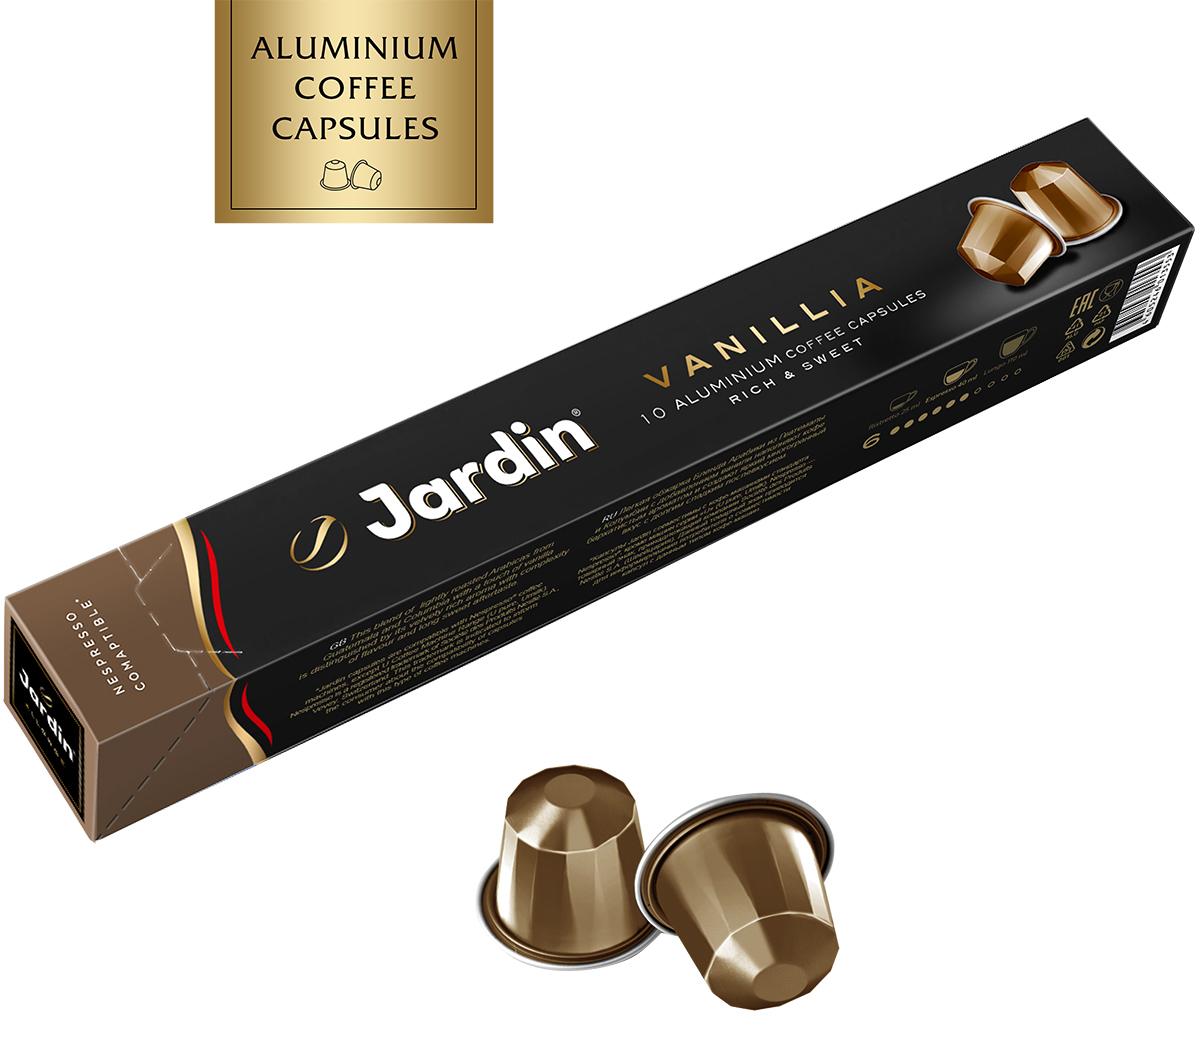 Jardin Vanillia кофе жареный молотый с ароматом в алюминиевых капсулах, 10 шт по 5 г кофе в капсулах tassimo карт нуар кафе лонг интенс 128г